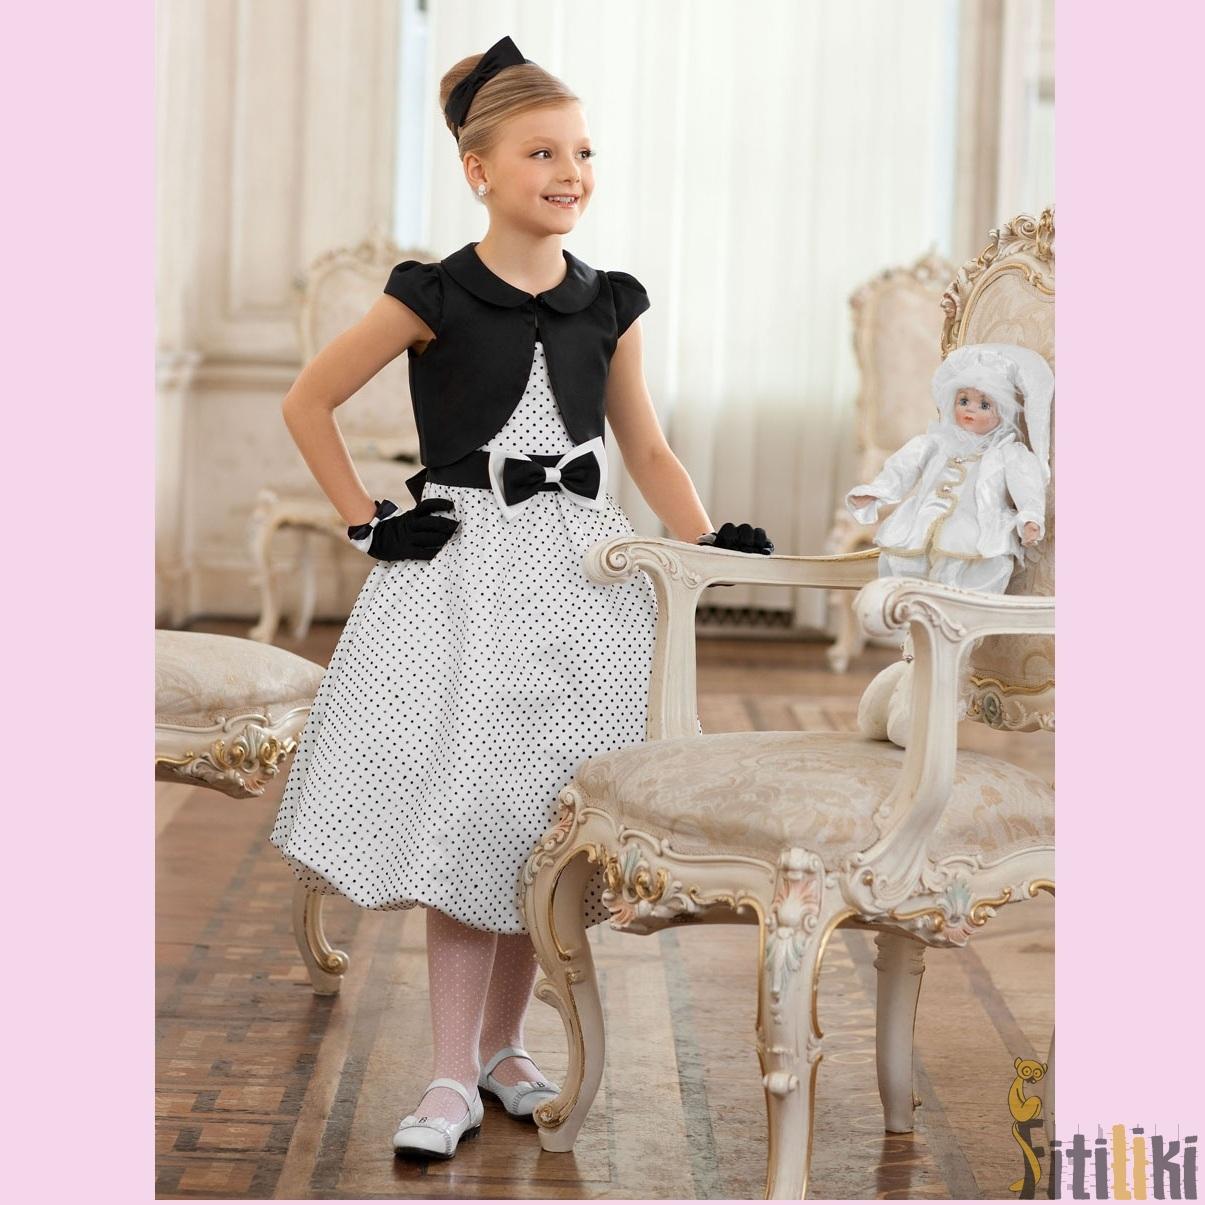 Нарядные платья для девочек 10-12 лет нужного нам размера - выпускниц 4 класса можно Платье на выпускной в 4 классе : где искать